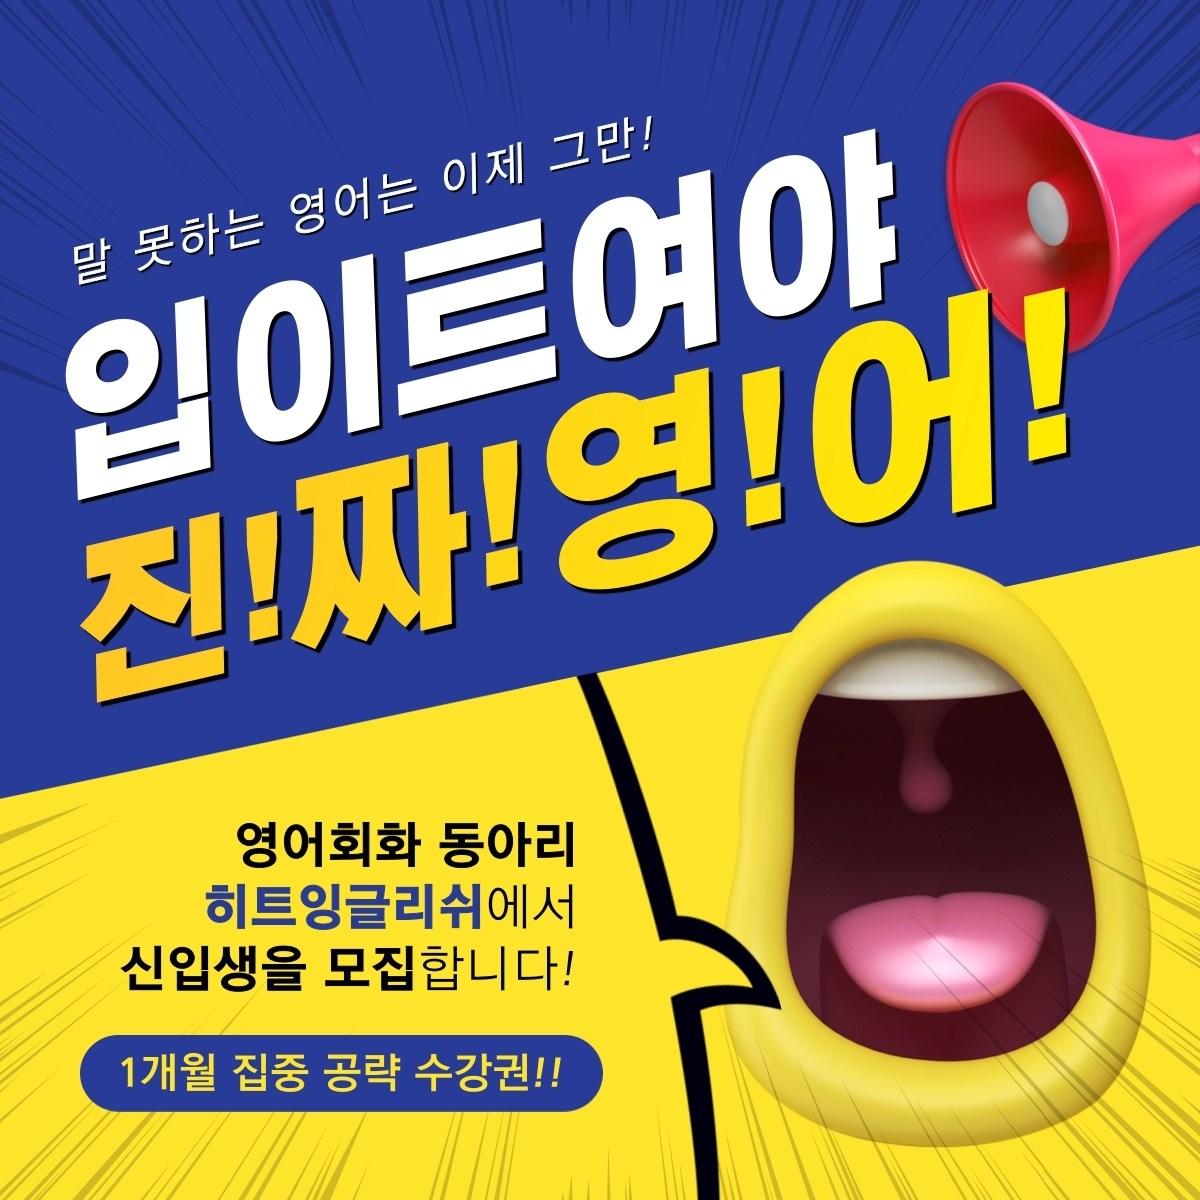 [4주] 회화집중 화상영어 히트잉글리쉬 수강권, 주1회 25분